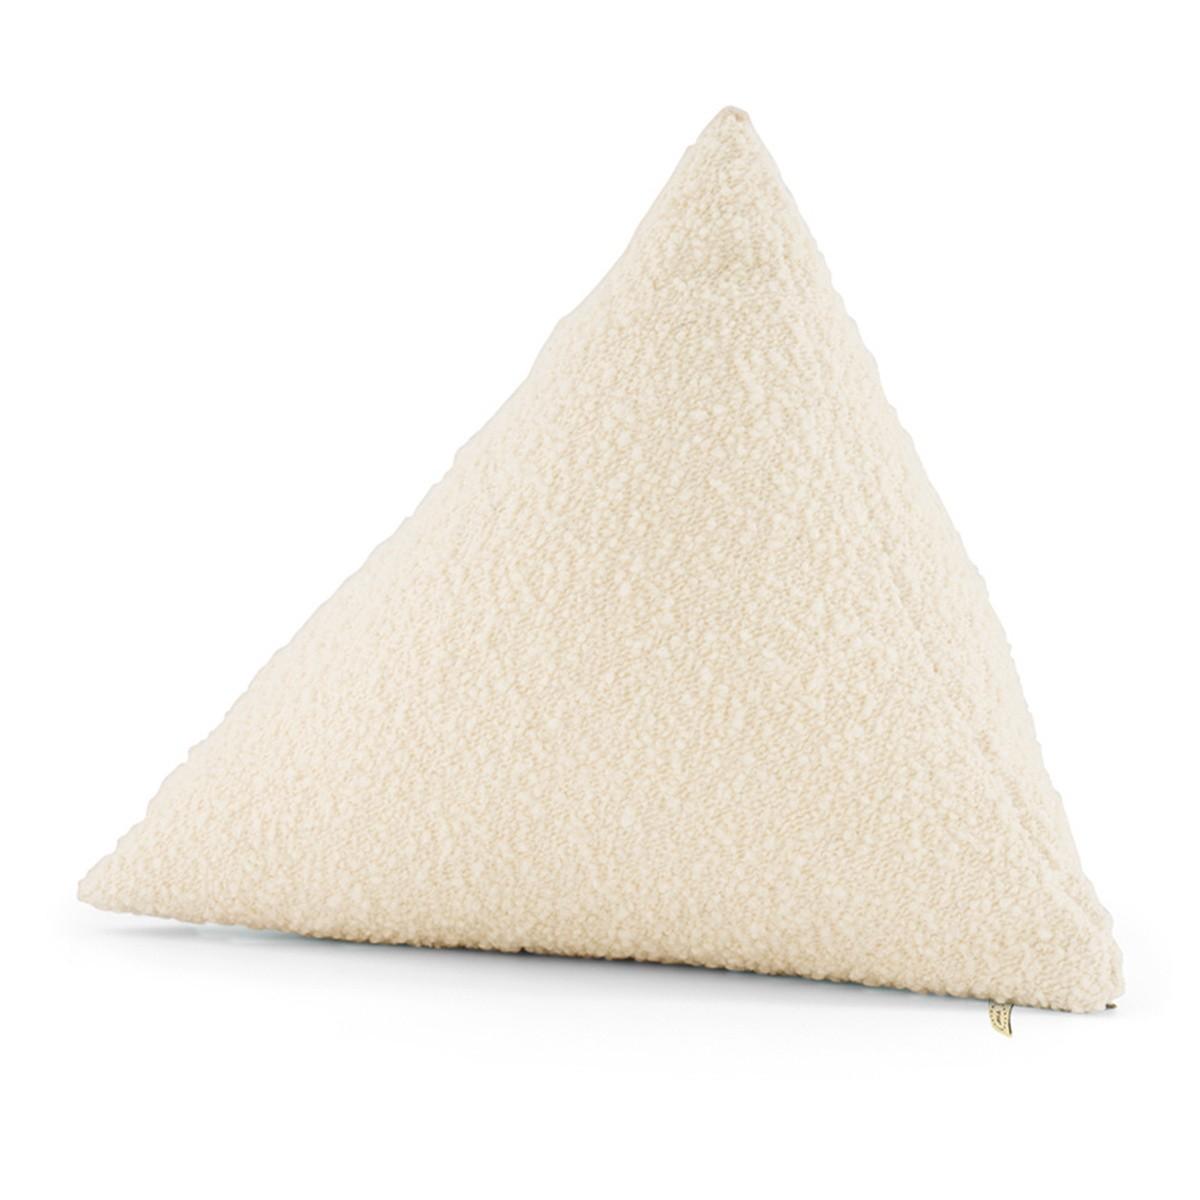 Coussin Divino laine bouclette blanc crème